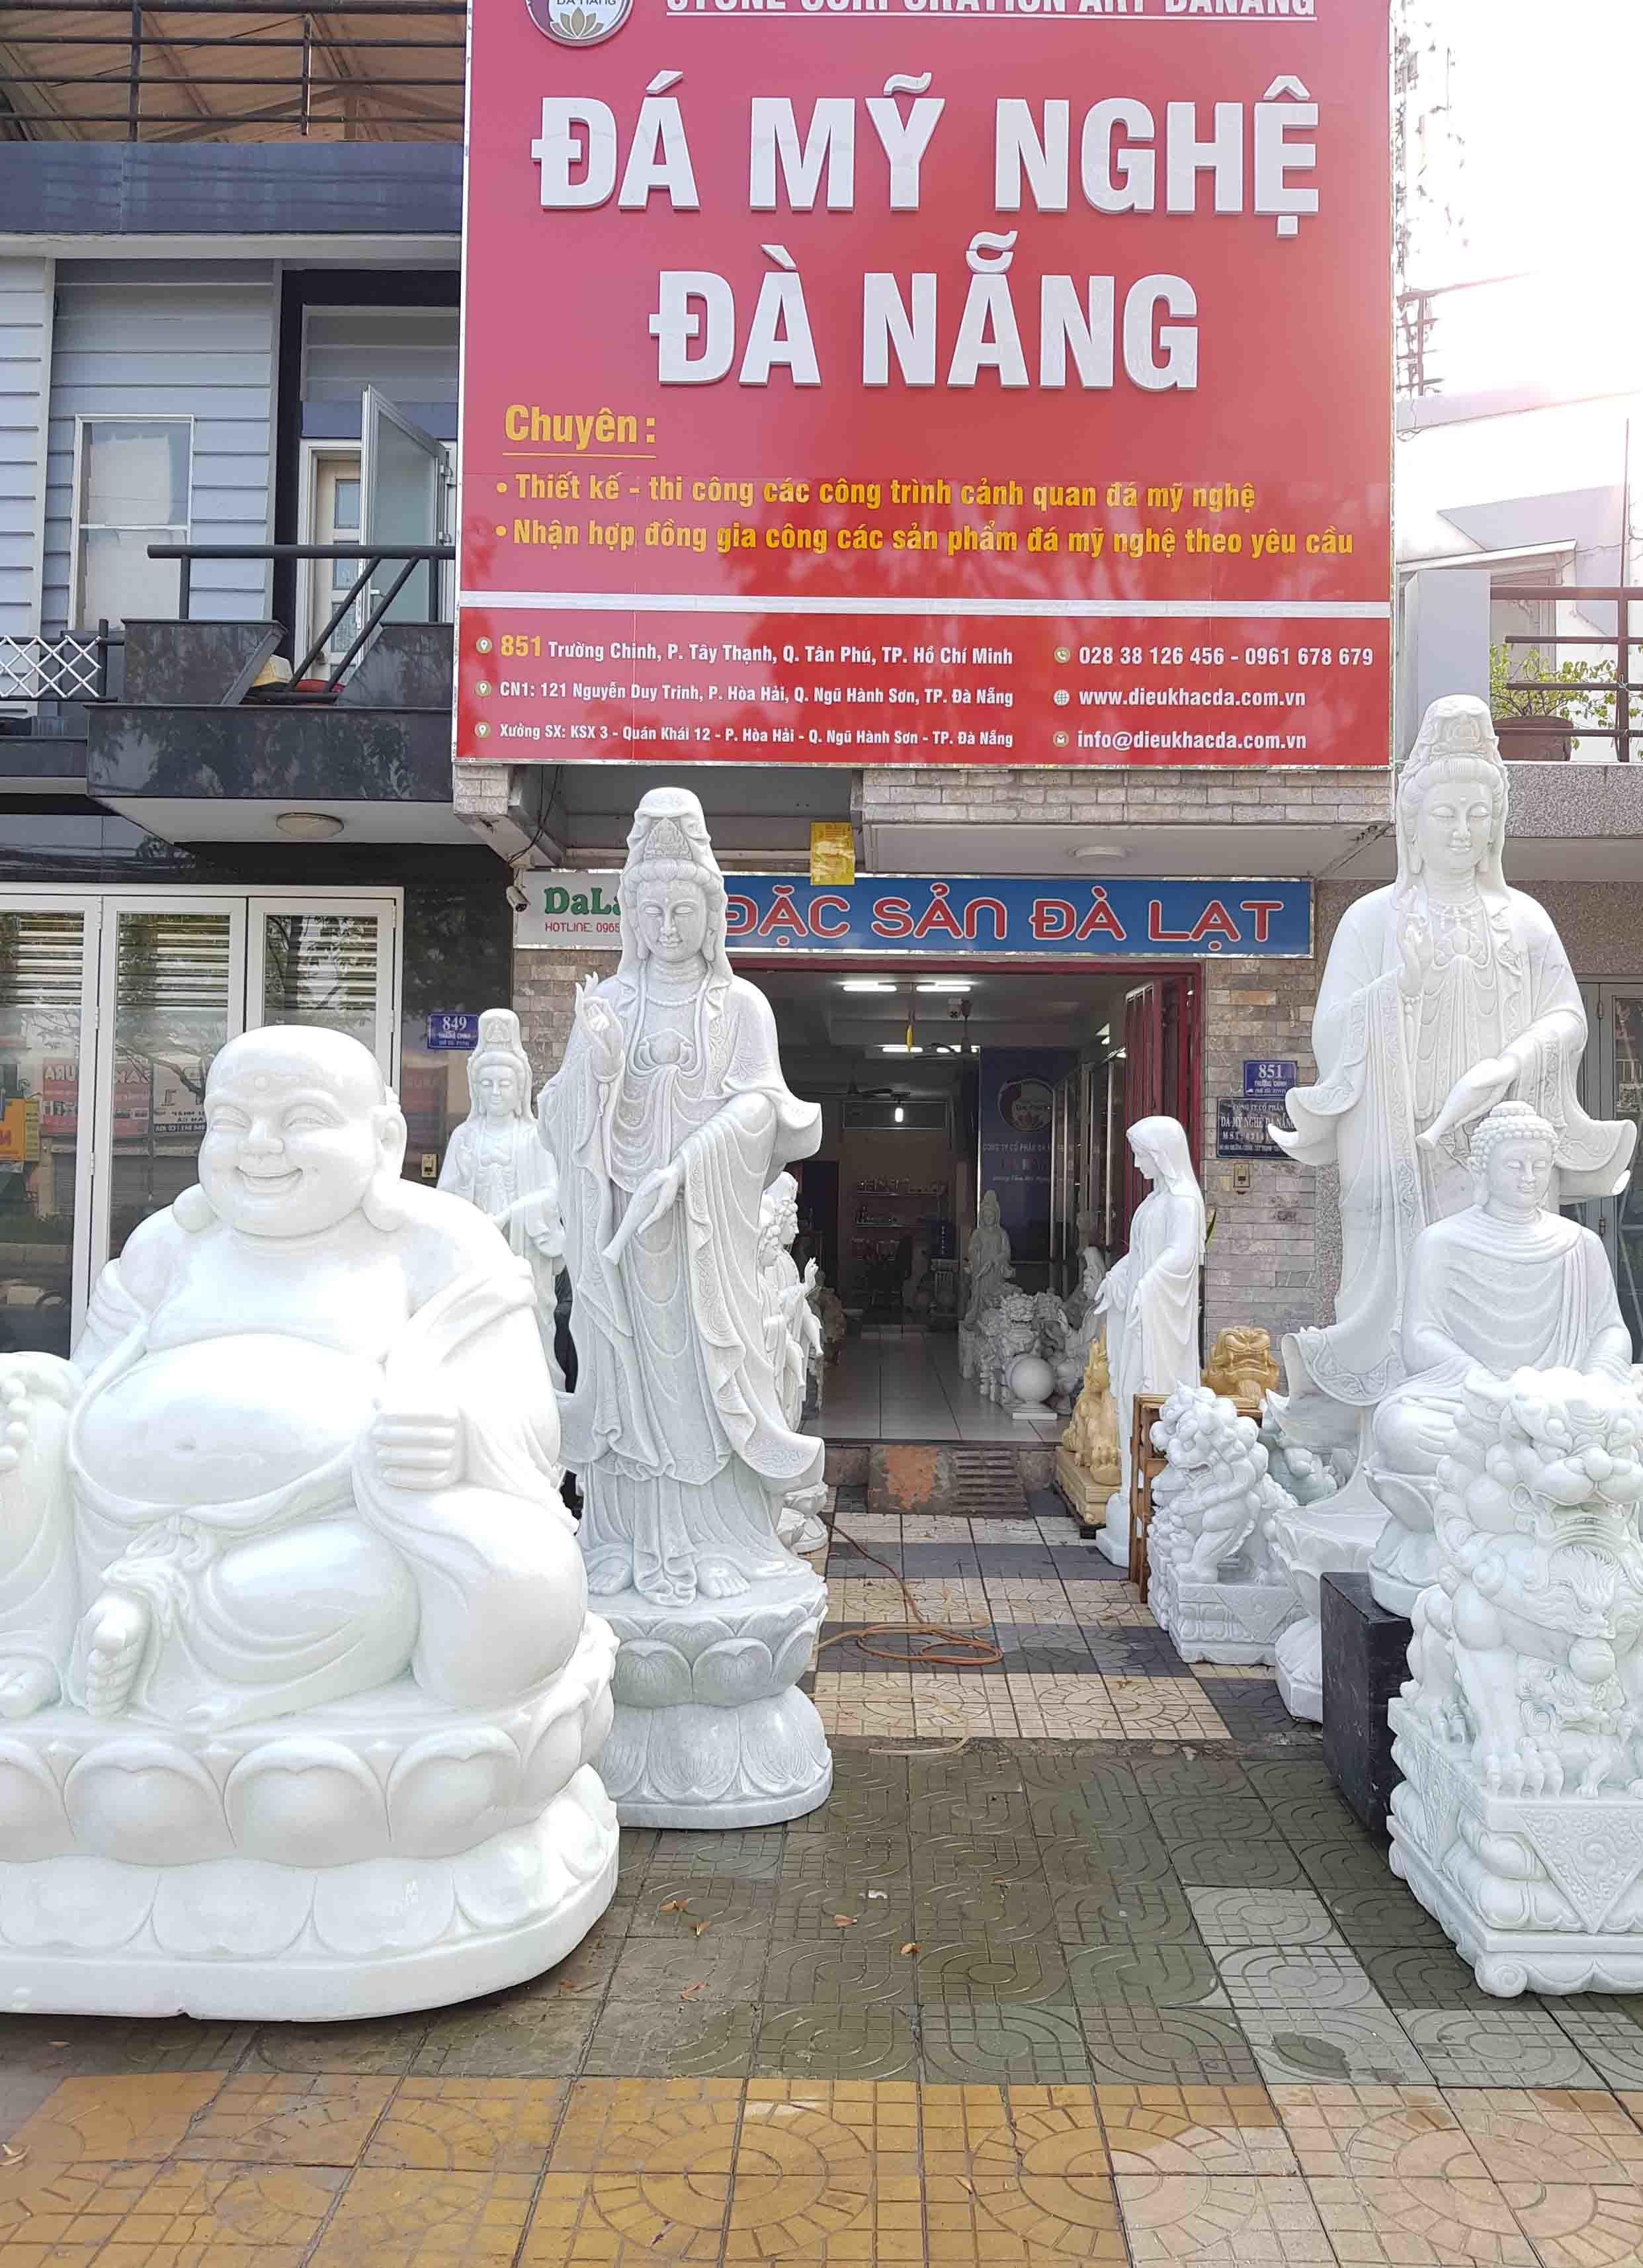 Đá Mỹ Nghệ Đà Nẵng 001